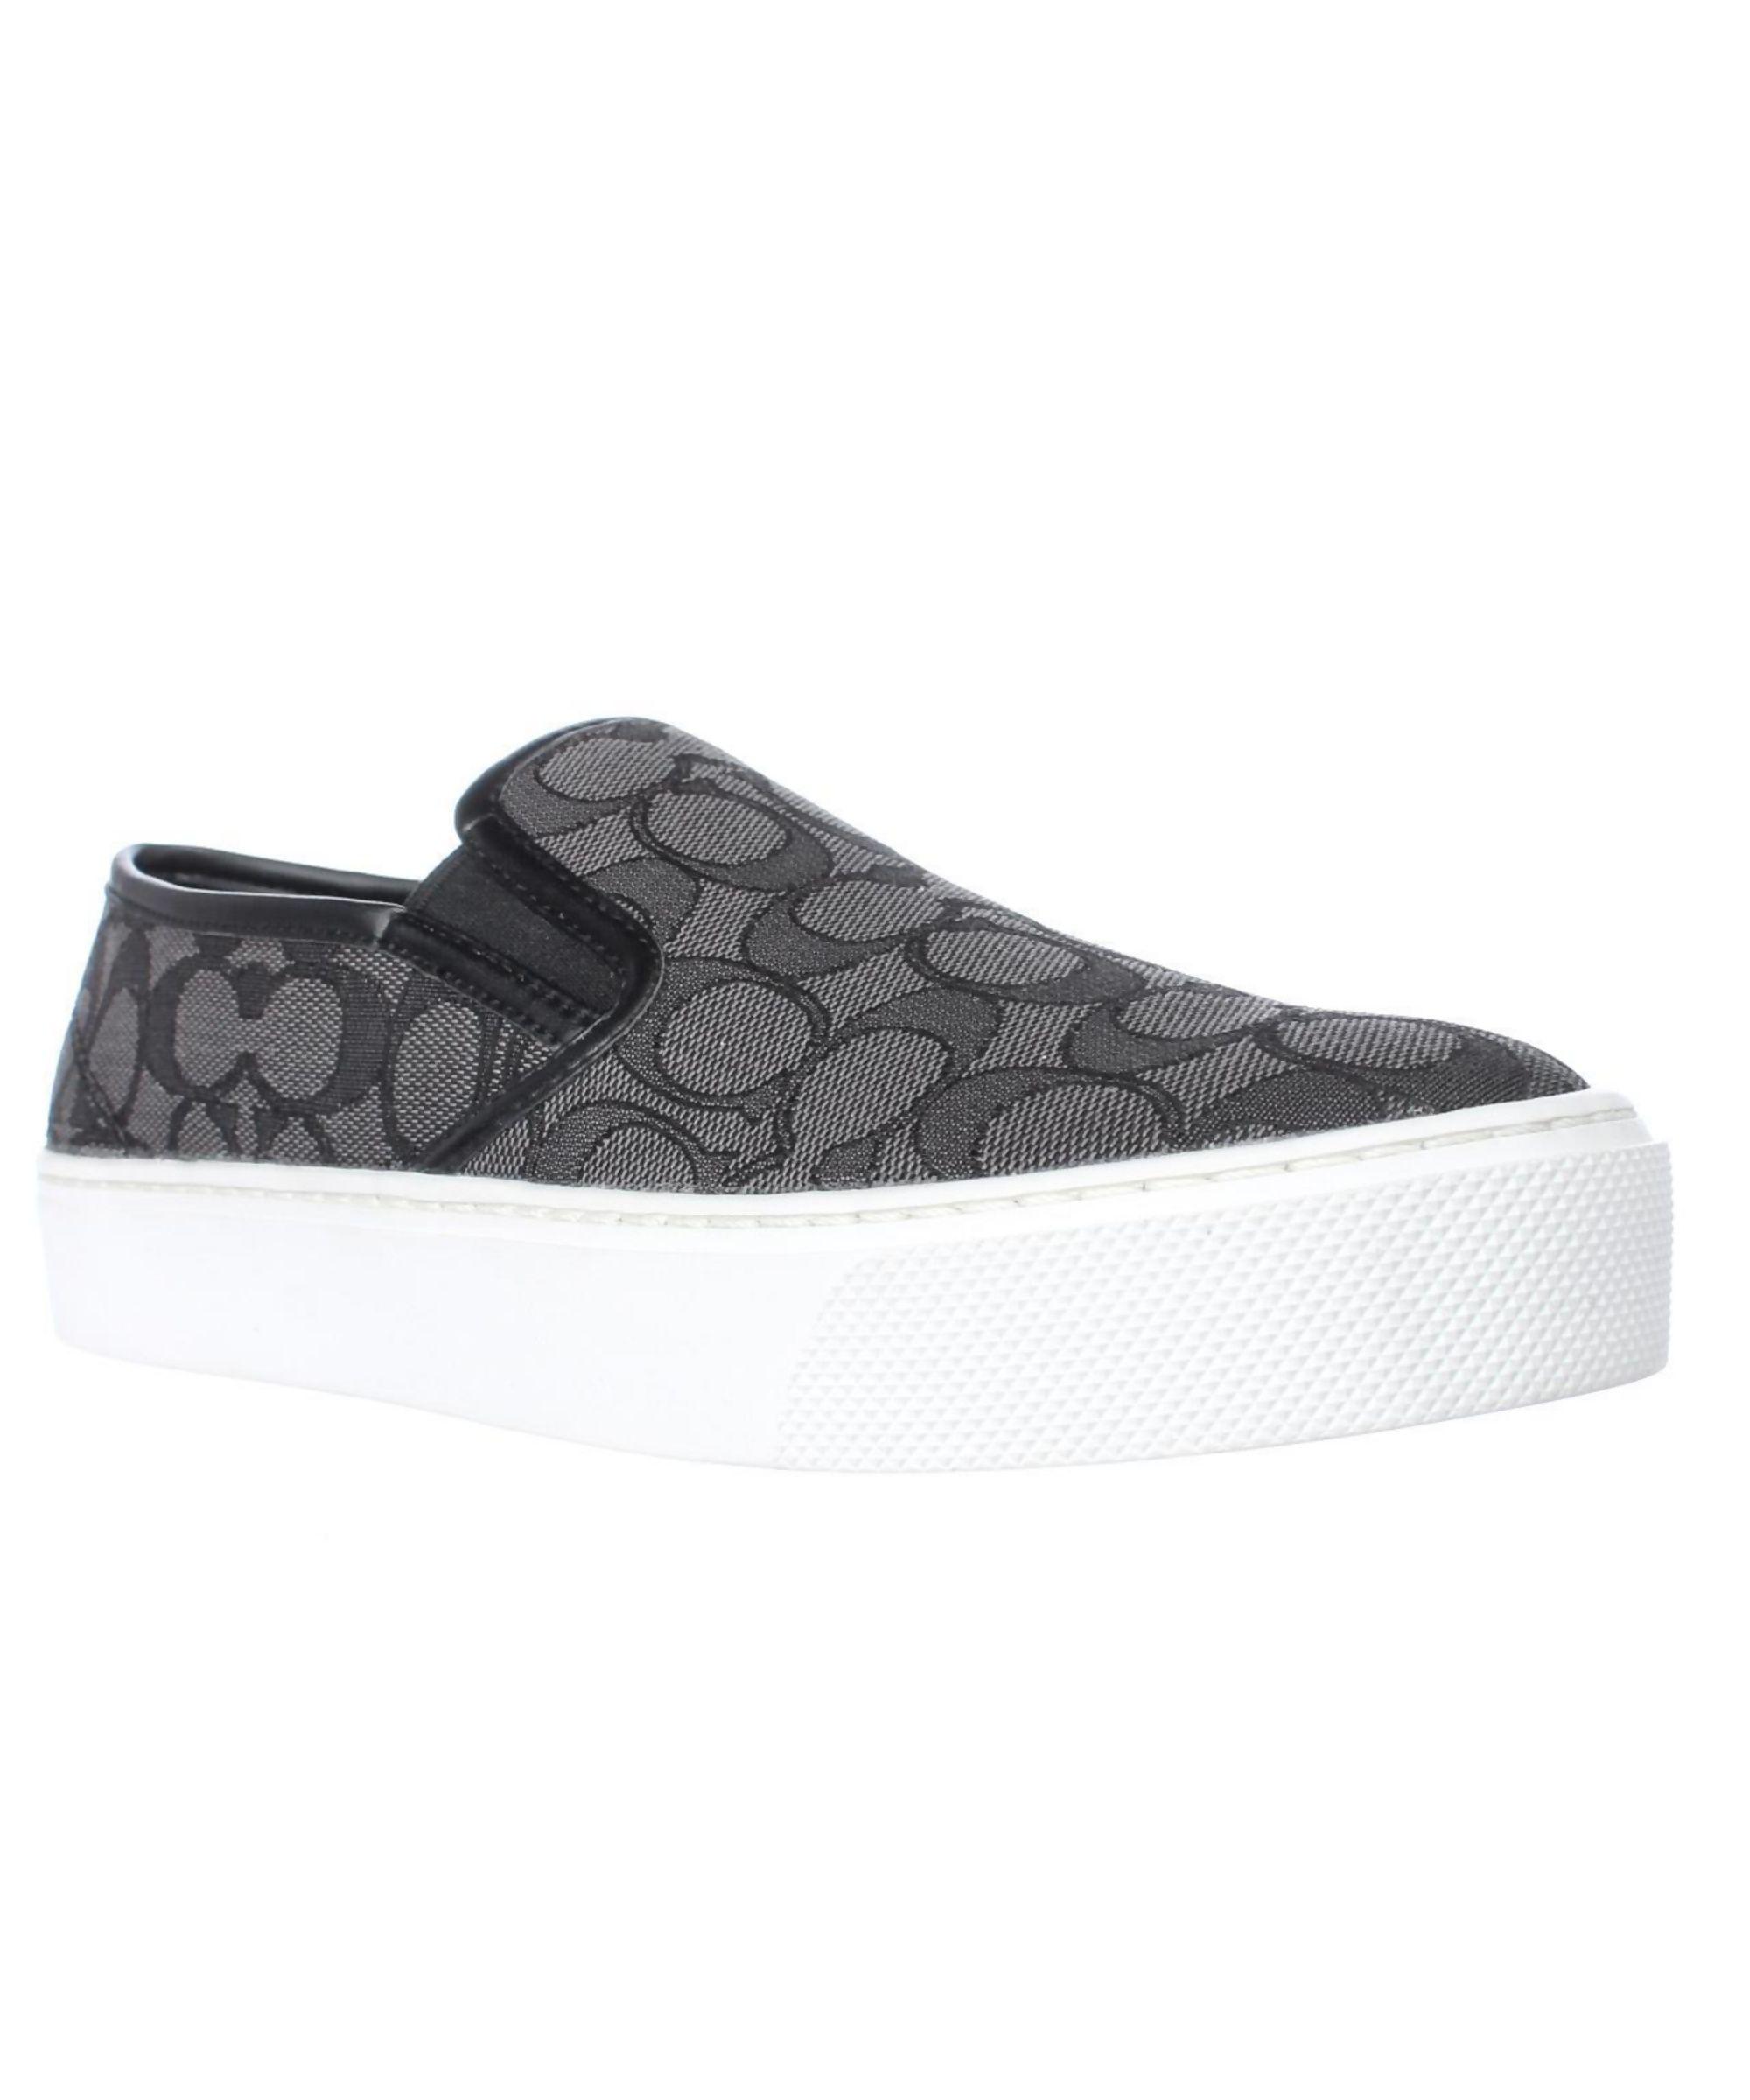 9ce30b31b9 COACH | Coach Cameron Logo Fashion Sneakers, Smoke Coal/Black #Shoes # Sneakers #COACH